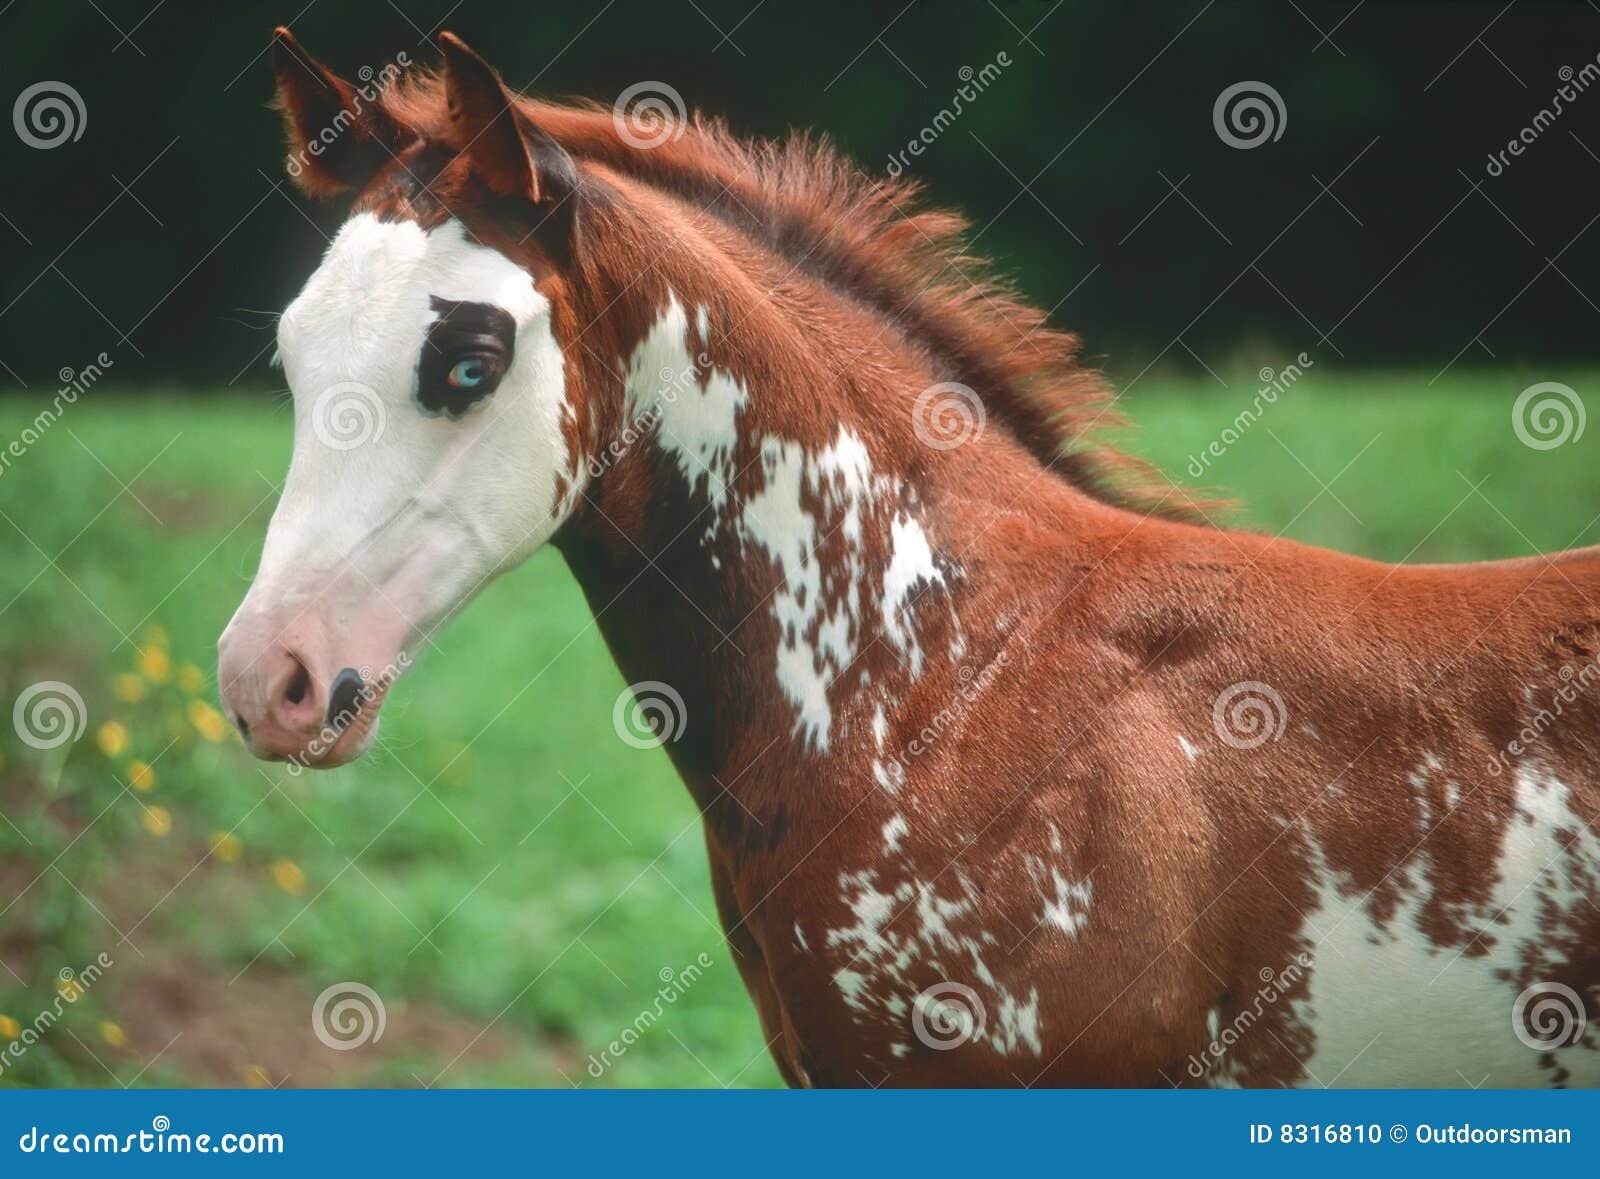 American paint horse colt